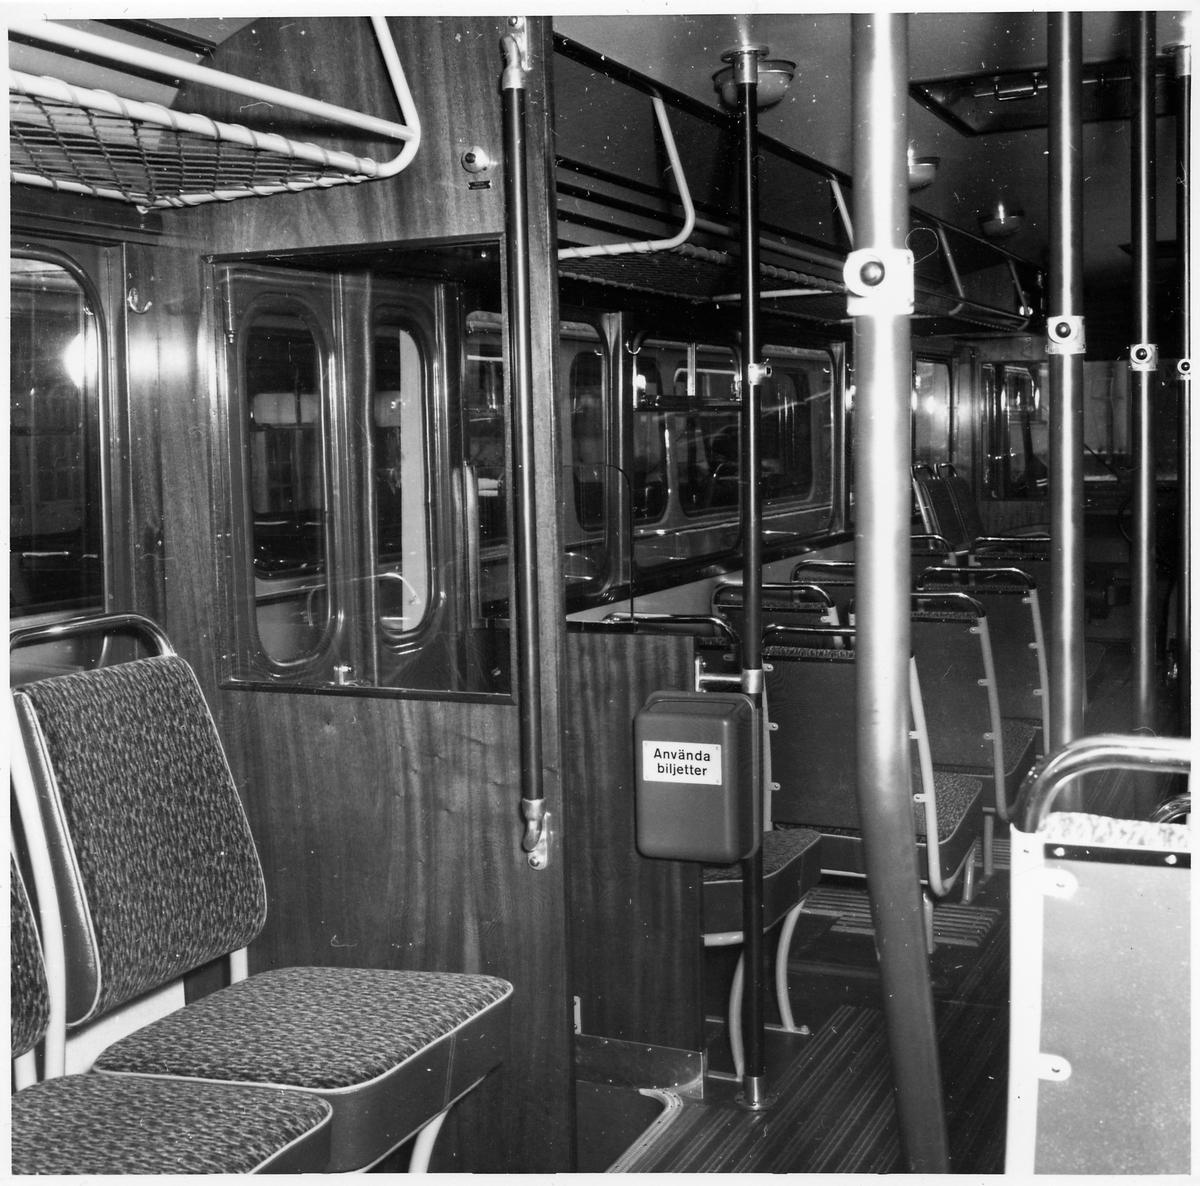 Interiör från en buss med sittplatser, stoppknappar och utgång.